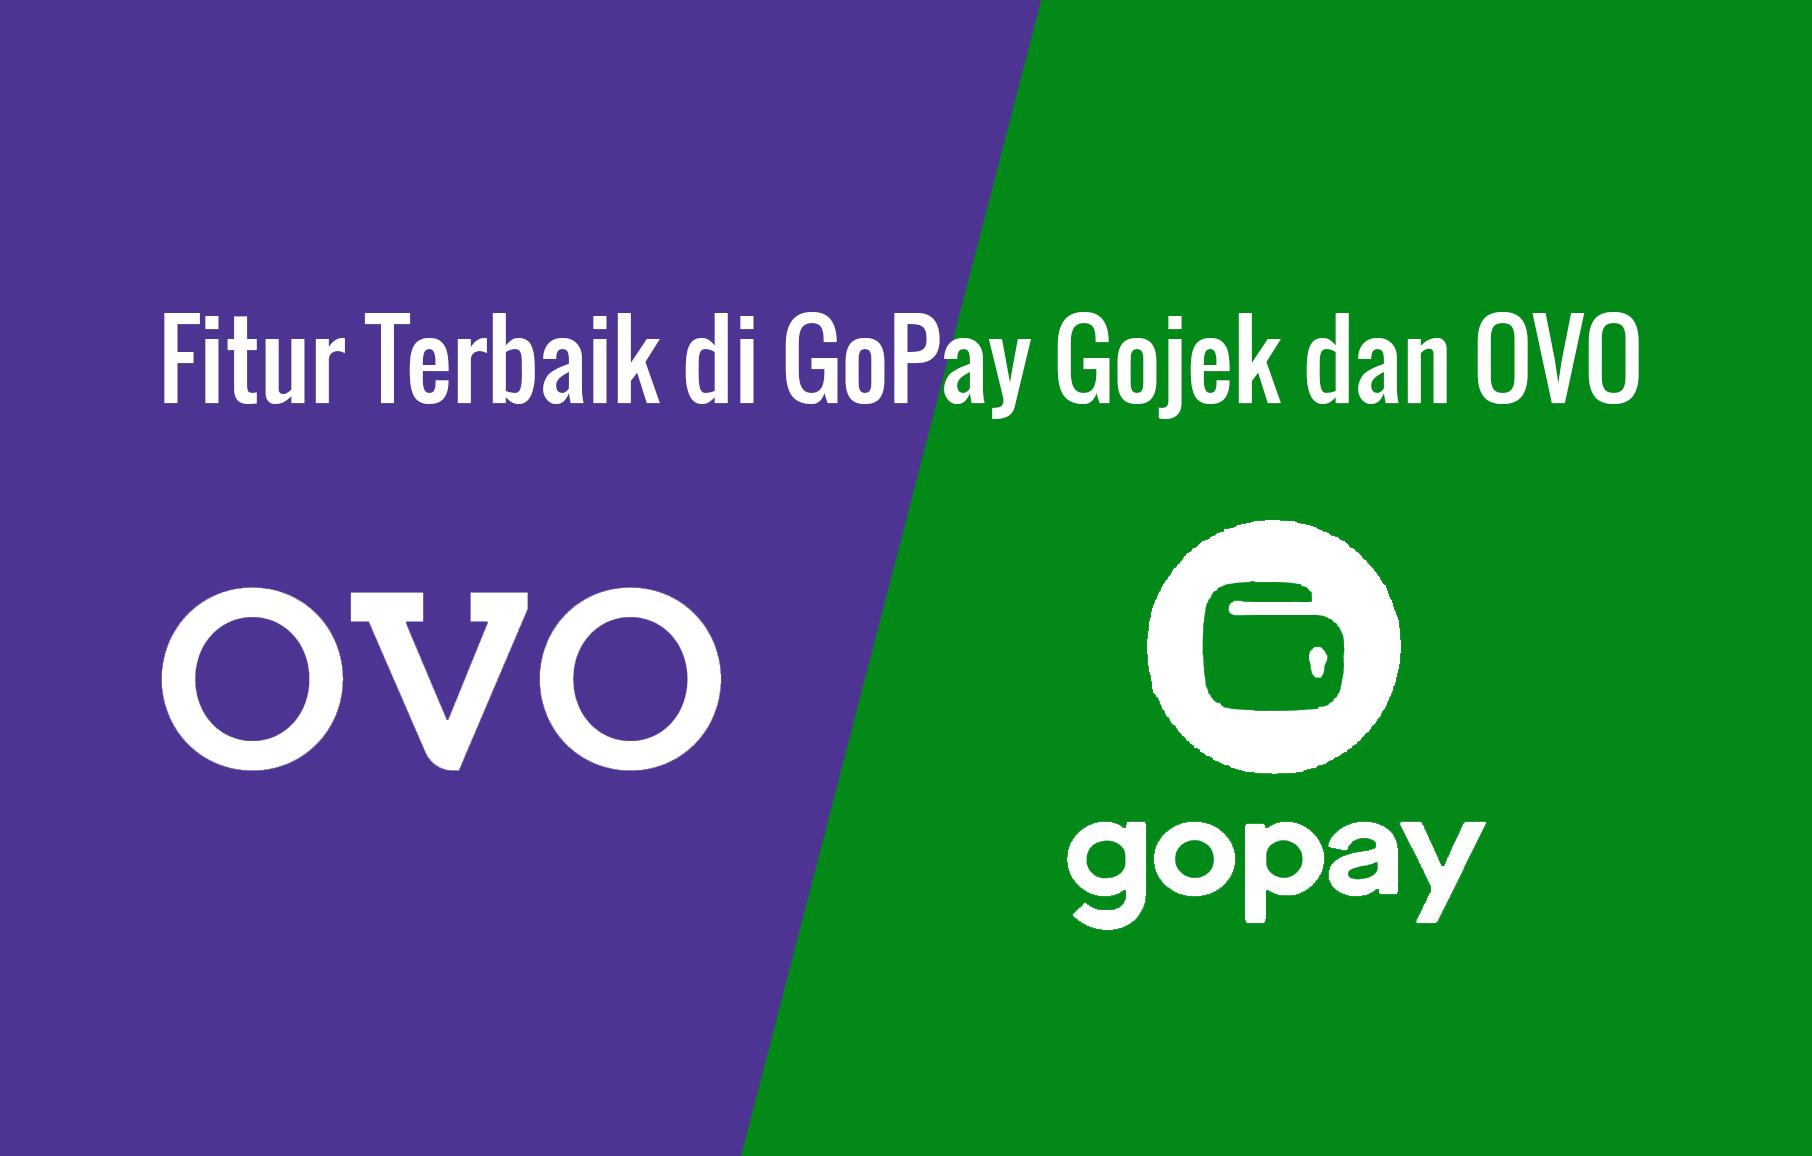 Fitur Terbaik di GoPay Gojek dan OVO